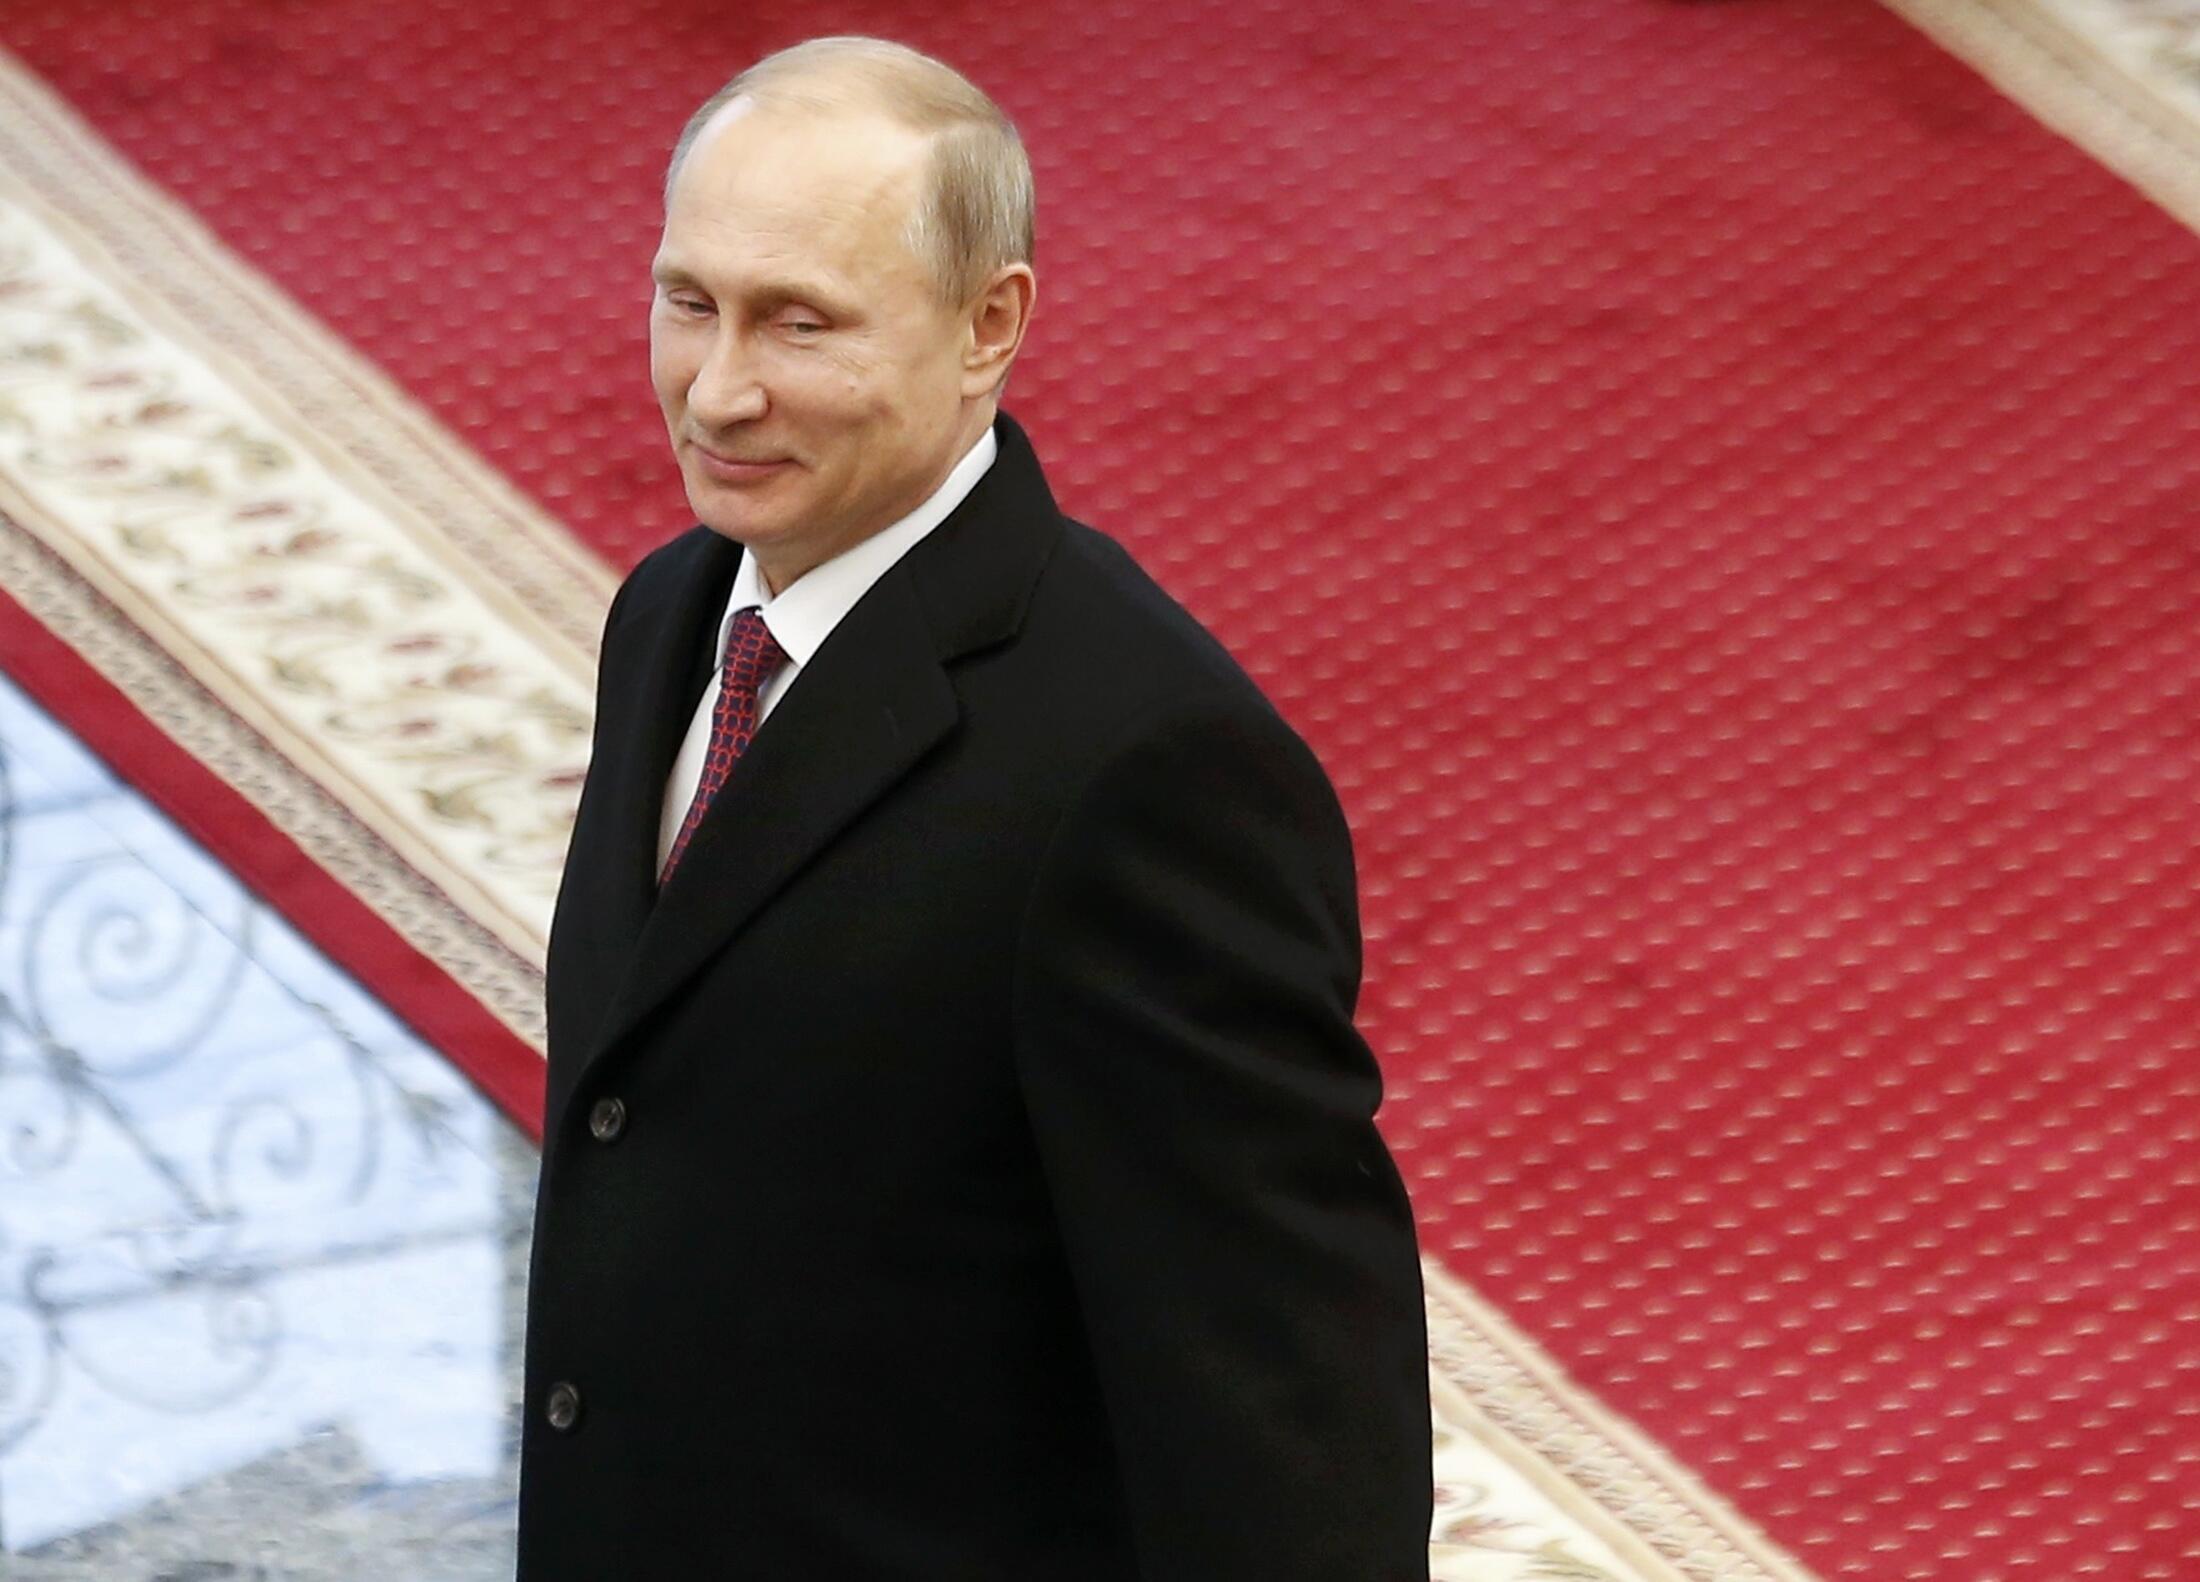 Para jornais franceses, Vladimir Putin tem nas mãos o destino da Ucrânia